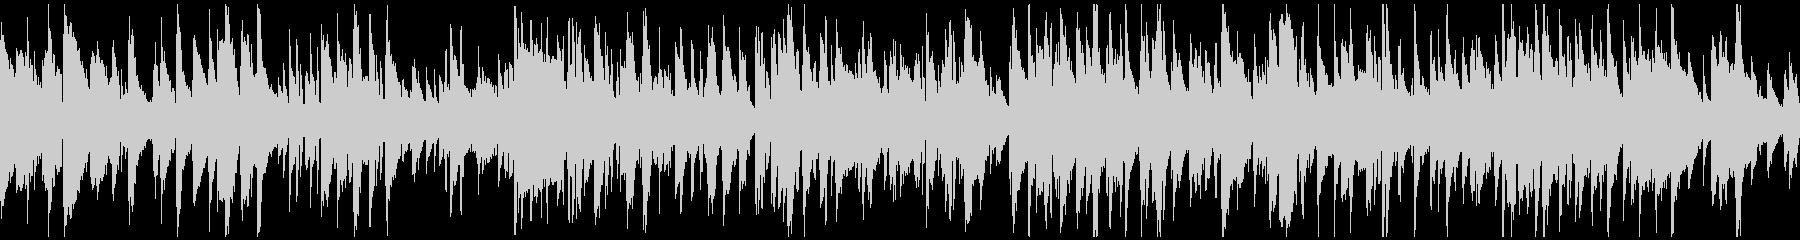 リラックス・ジャズ、ラウンジ ※ループ版の未再生の波形